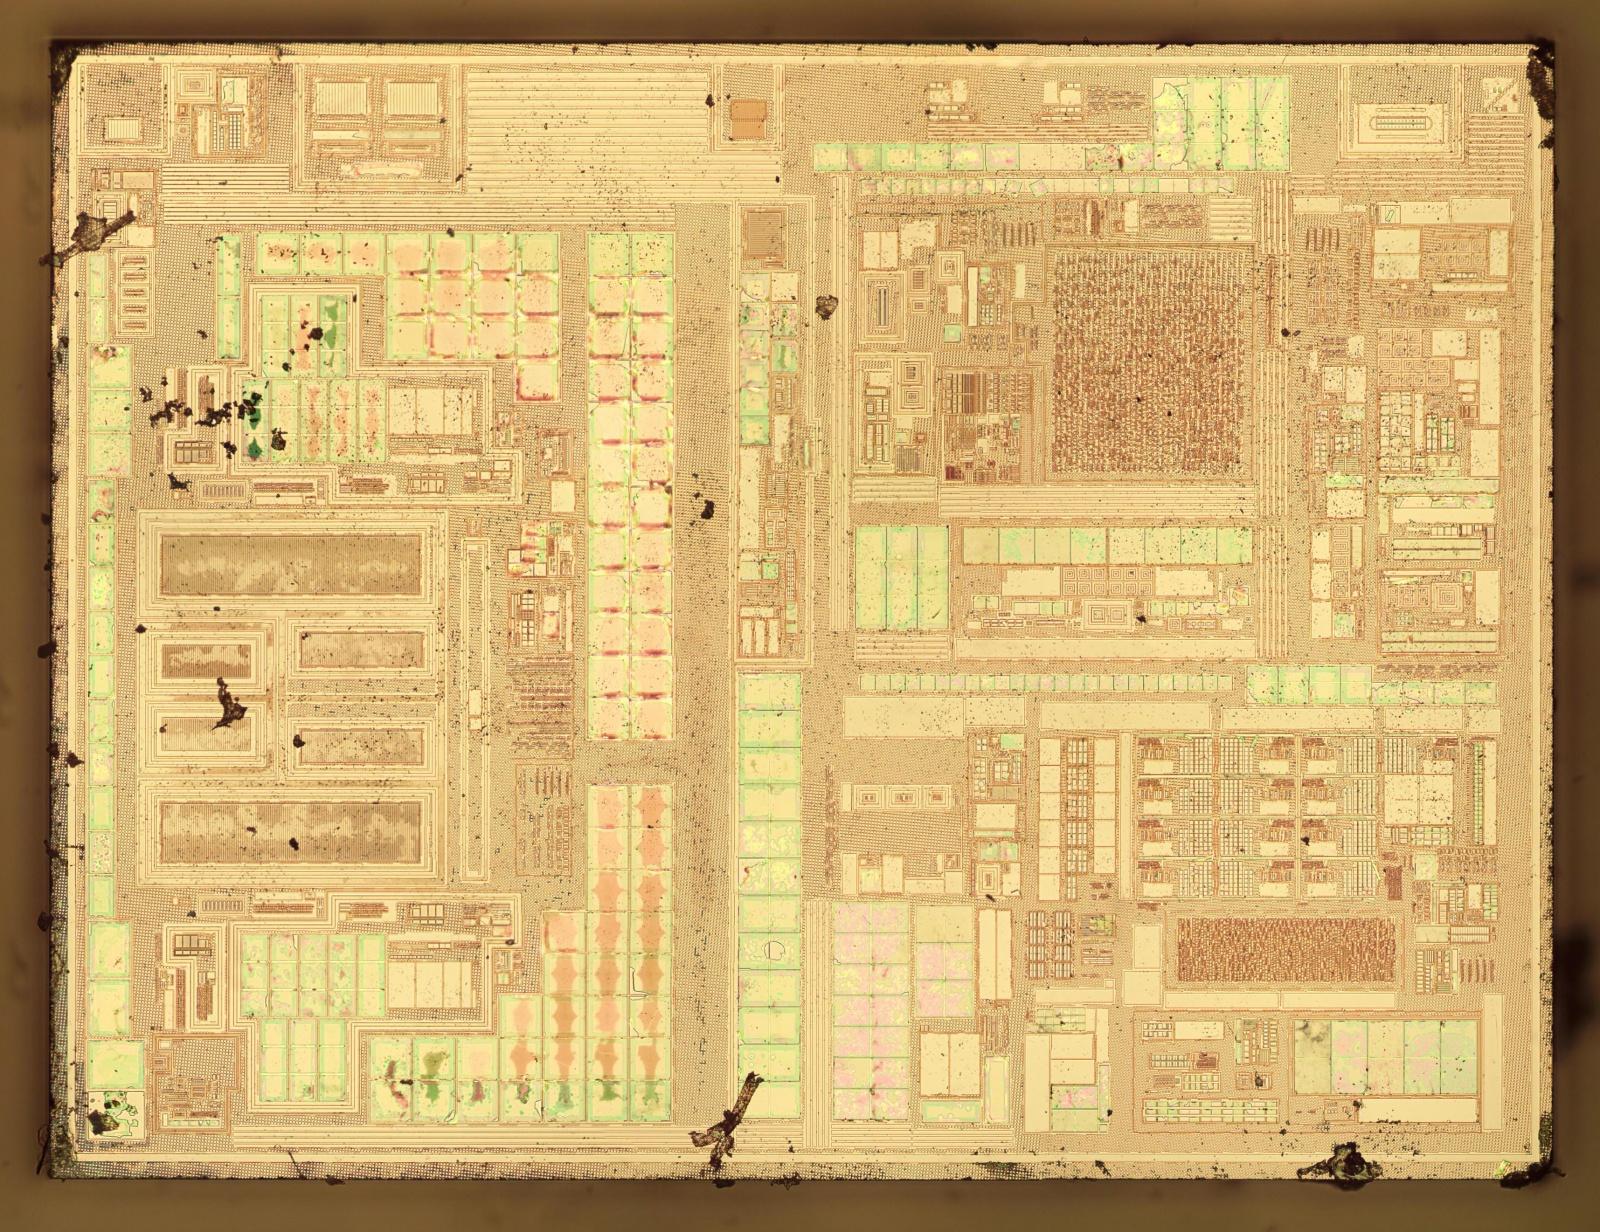 Вскрываем чип гальванической развязки с крохотным трансформатором внутри - 8